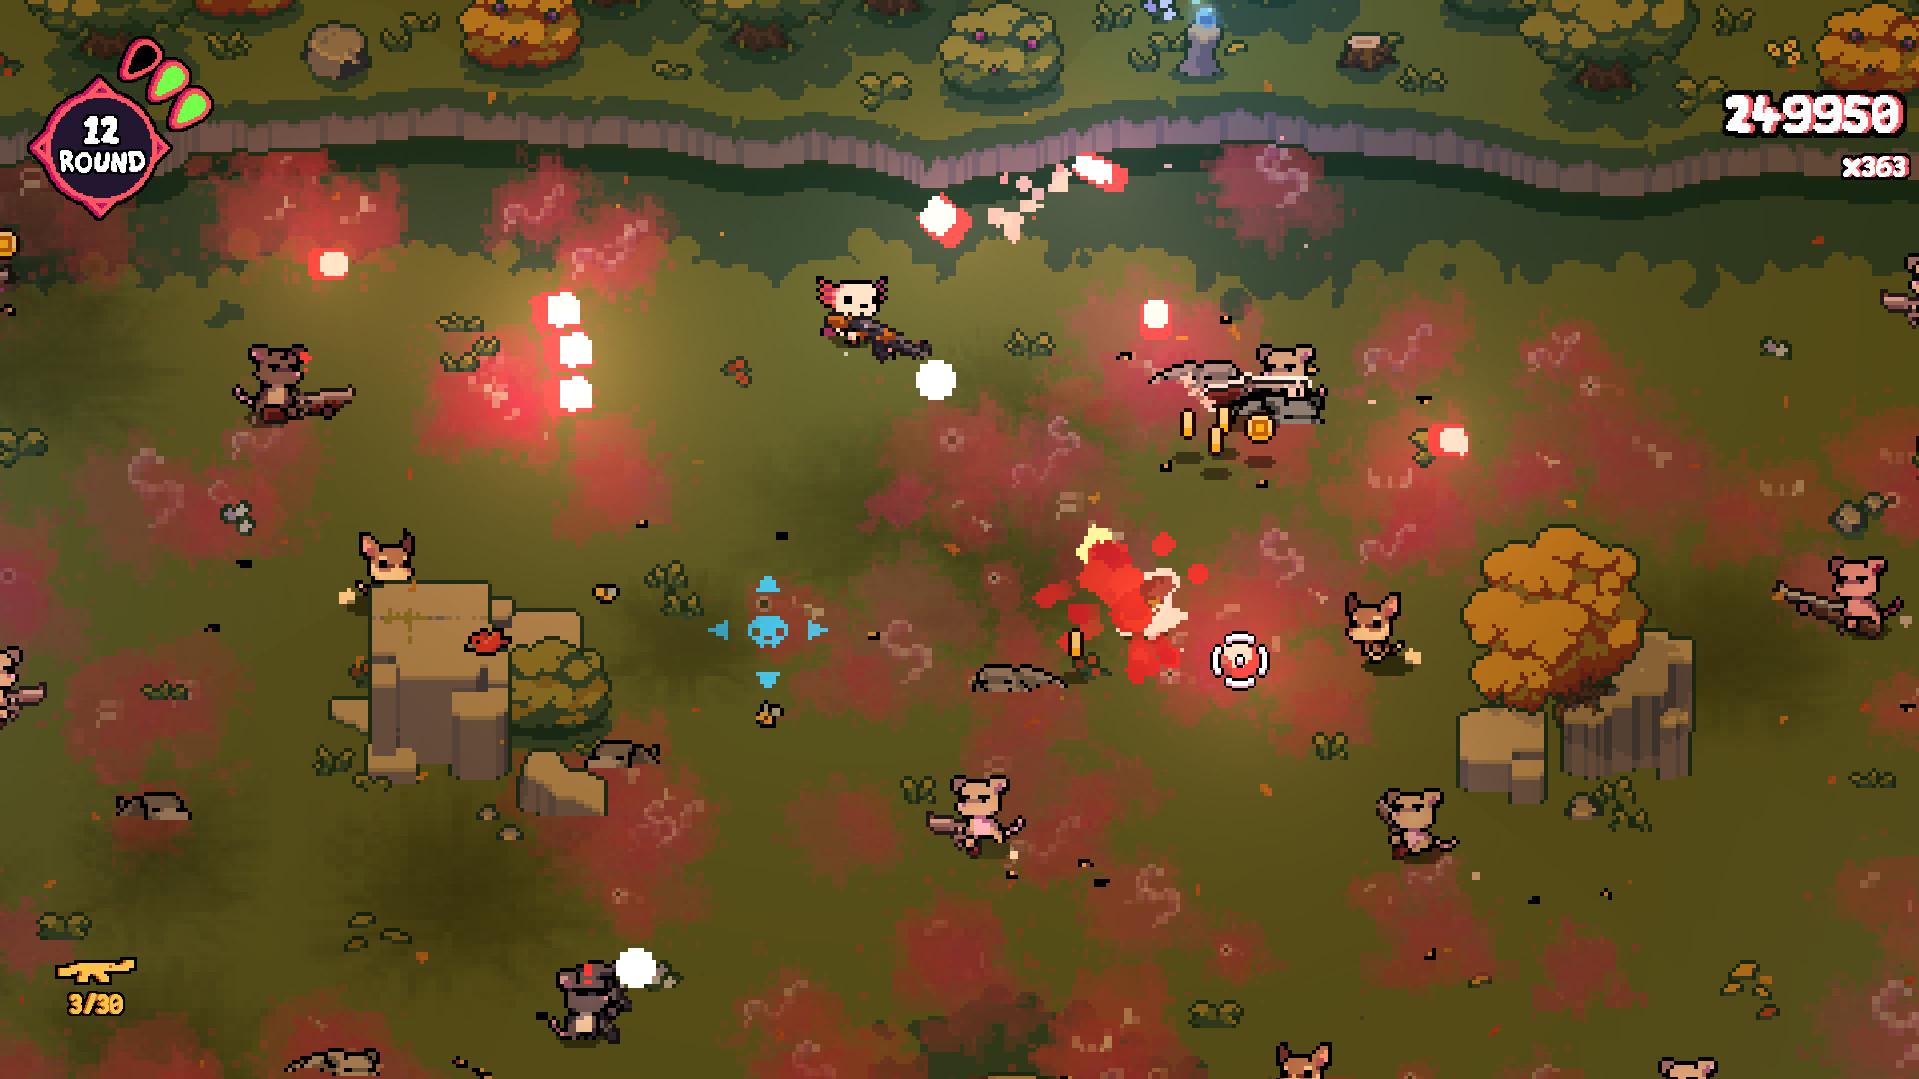 AK-xolotl Is a Unique Indie Battle Arena That Combines AK and Xolotls